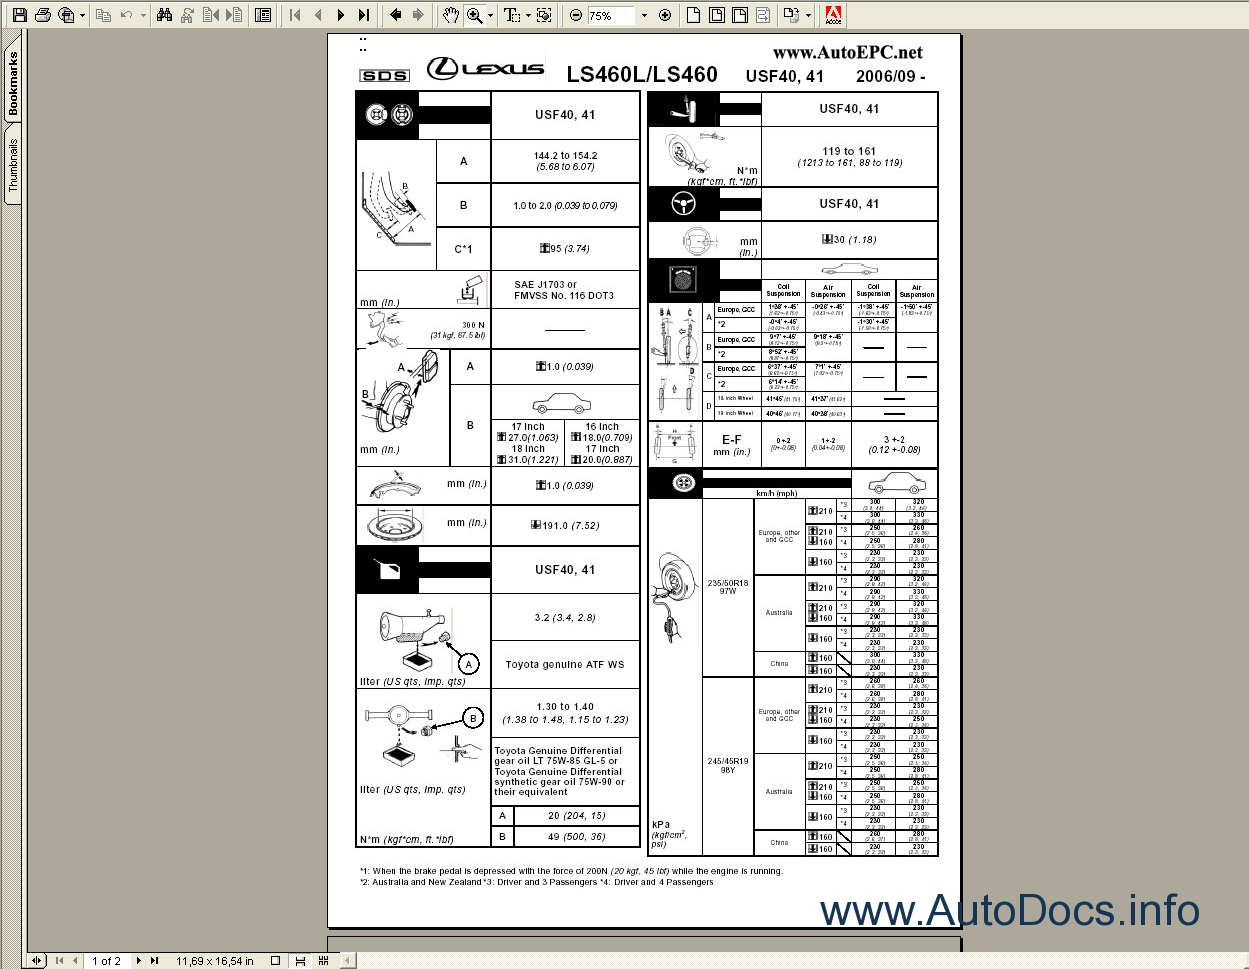 Thumb Tmpl Bda F Aee C F D A Ca B on 2008 Lexus Ls460 Engine Diagram